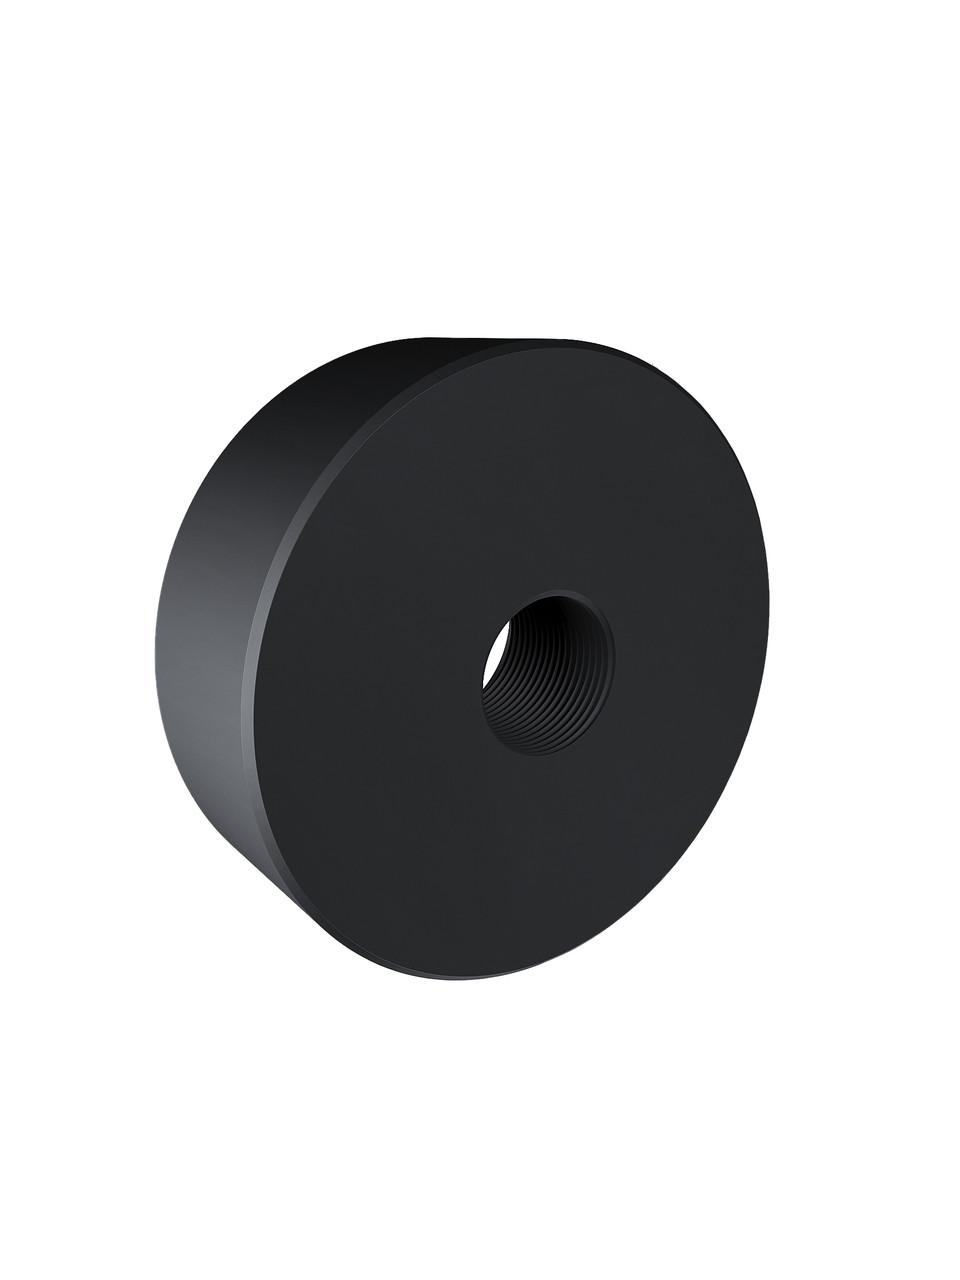 ODF-06-25-21-L15 Дистанция 15 мм для коннектора диаметром 40 мм и с резьбой М8, черный